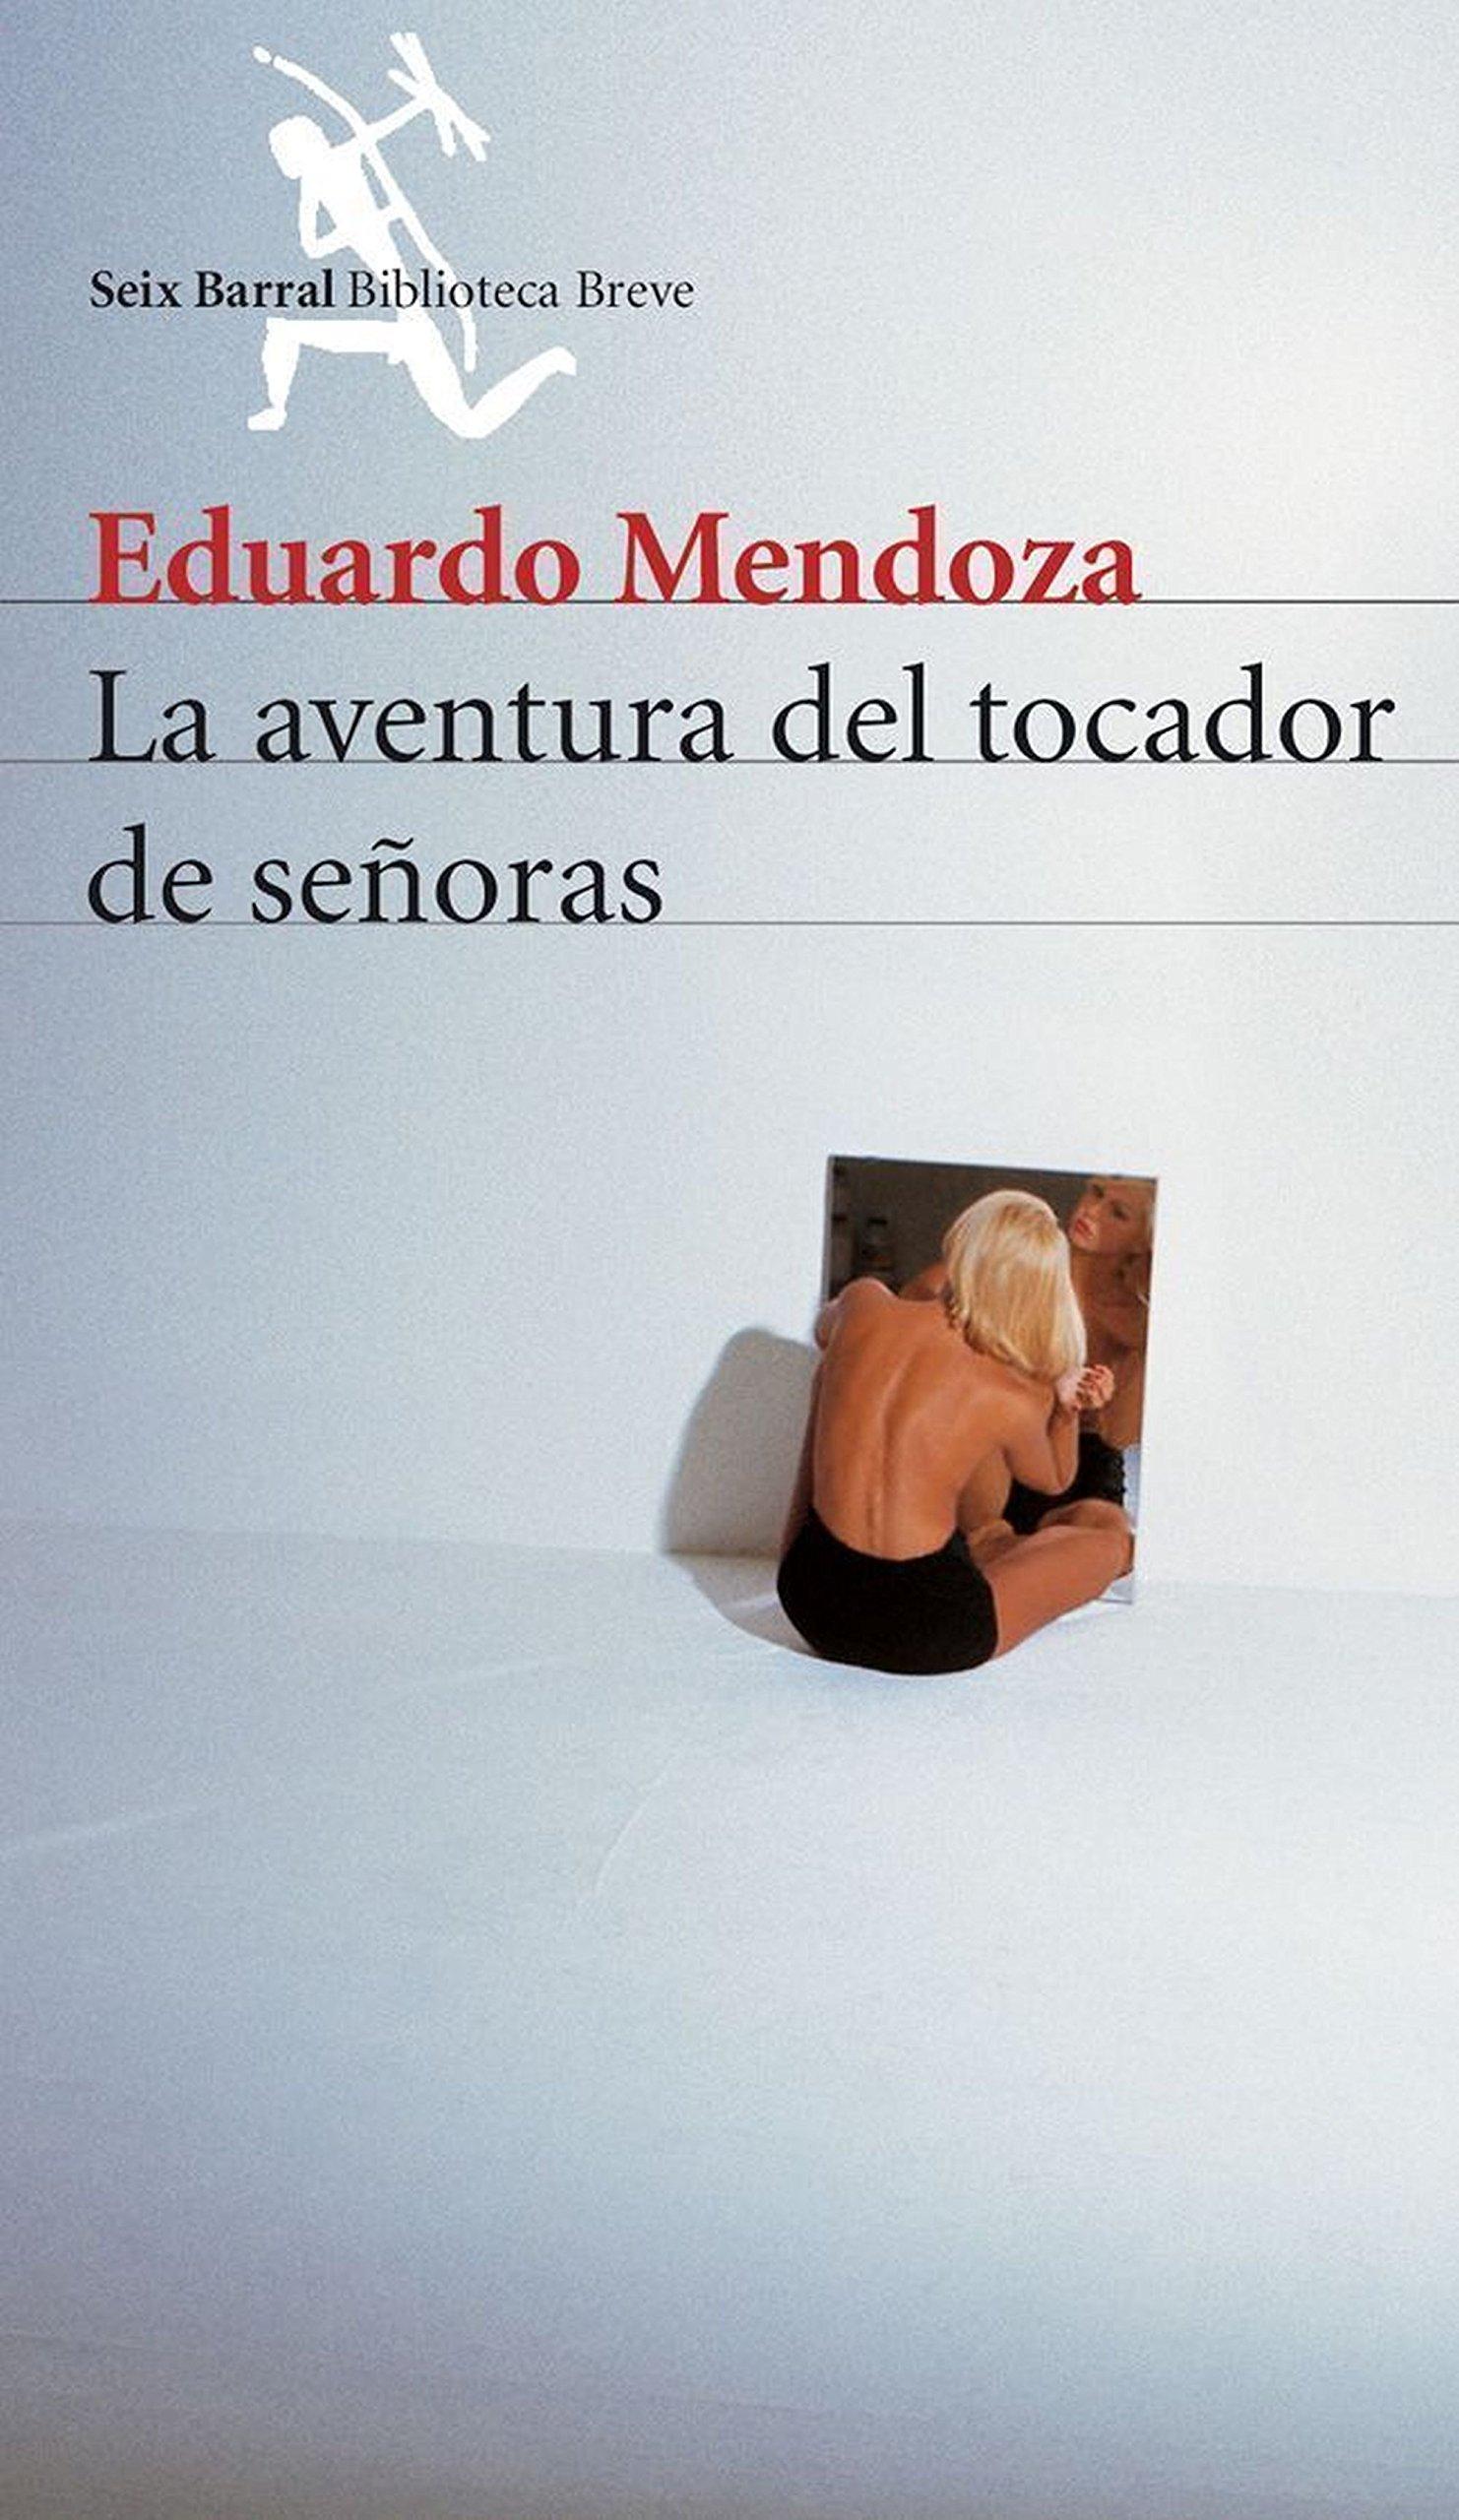 La aventura del tocador de señoras COL.BIBLIOTECA.BREVE: Amazon.es: Eduardo Mendoza: Libros